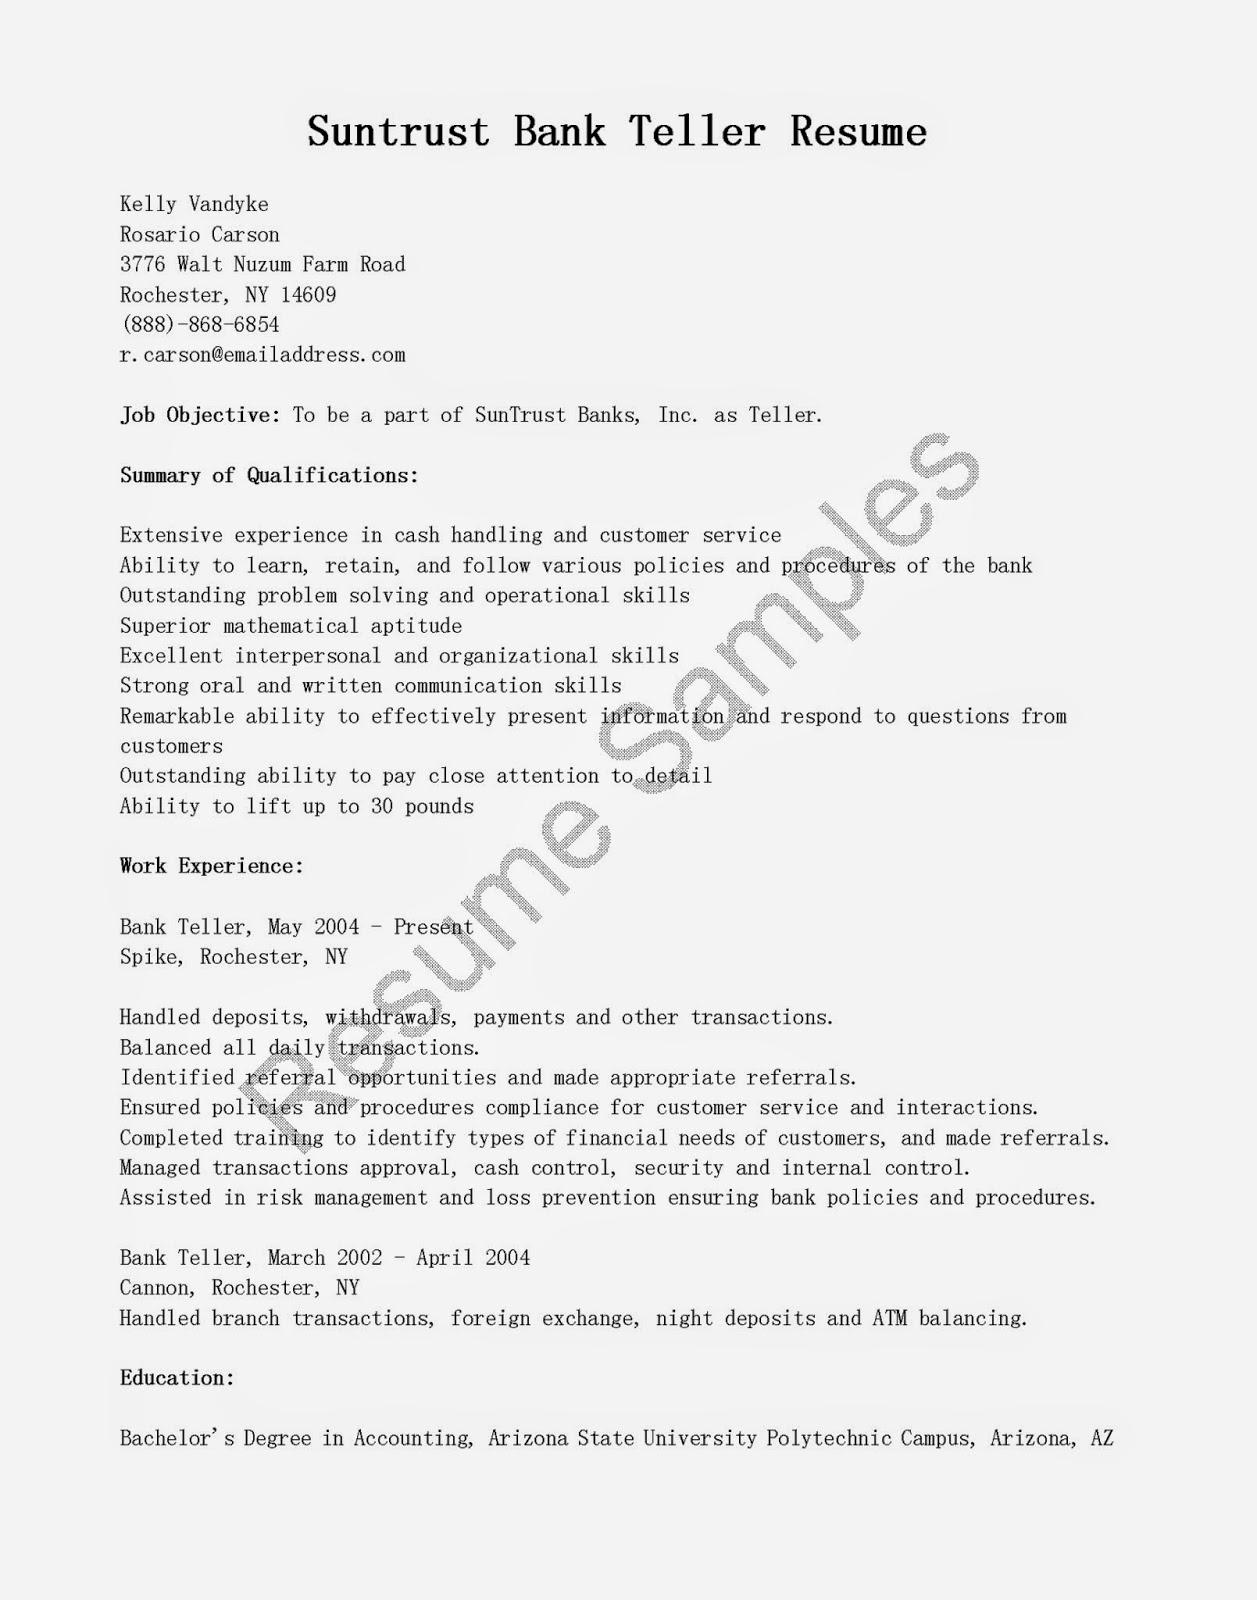 Resumes for Bank Teller Best Of Resume Samples Suntrust Bank Teller Resume